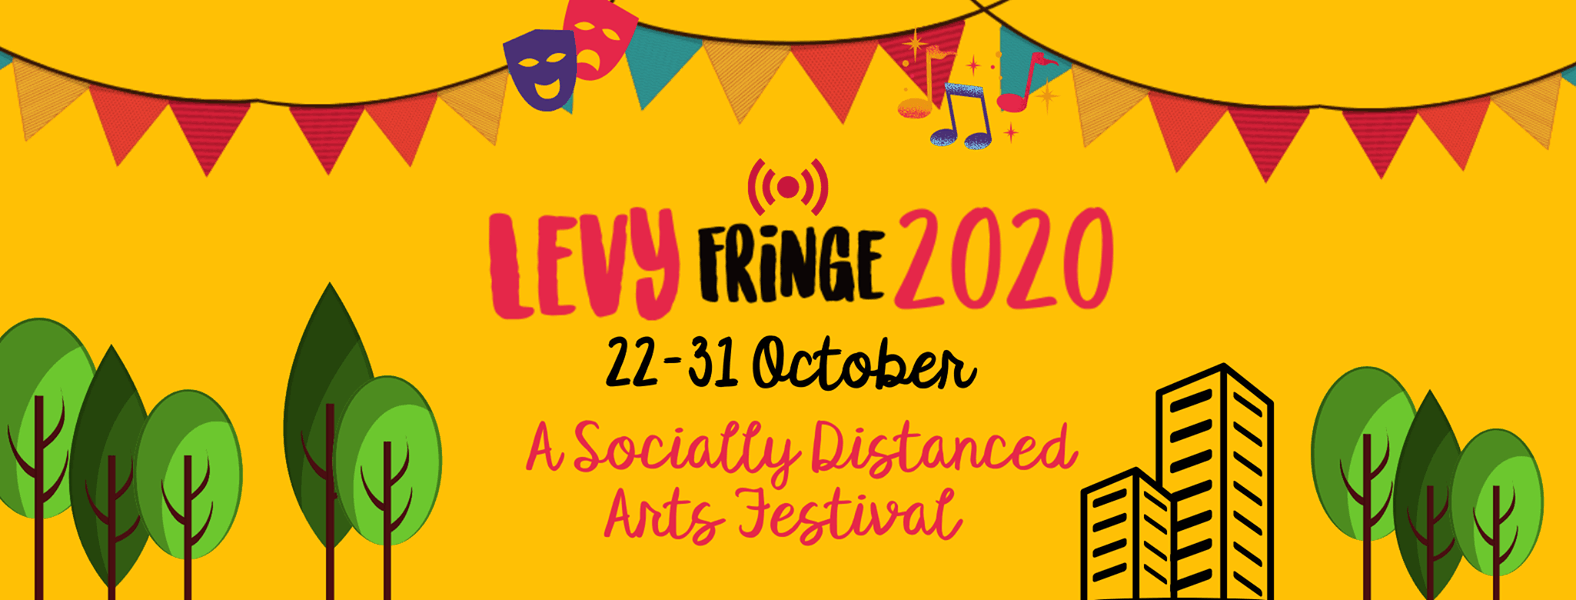 Levy Fringe Banner